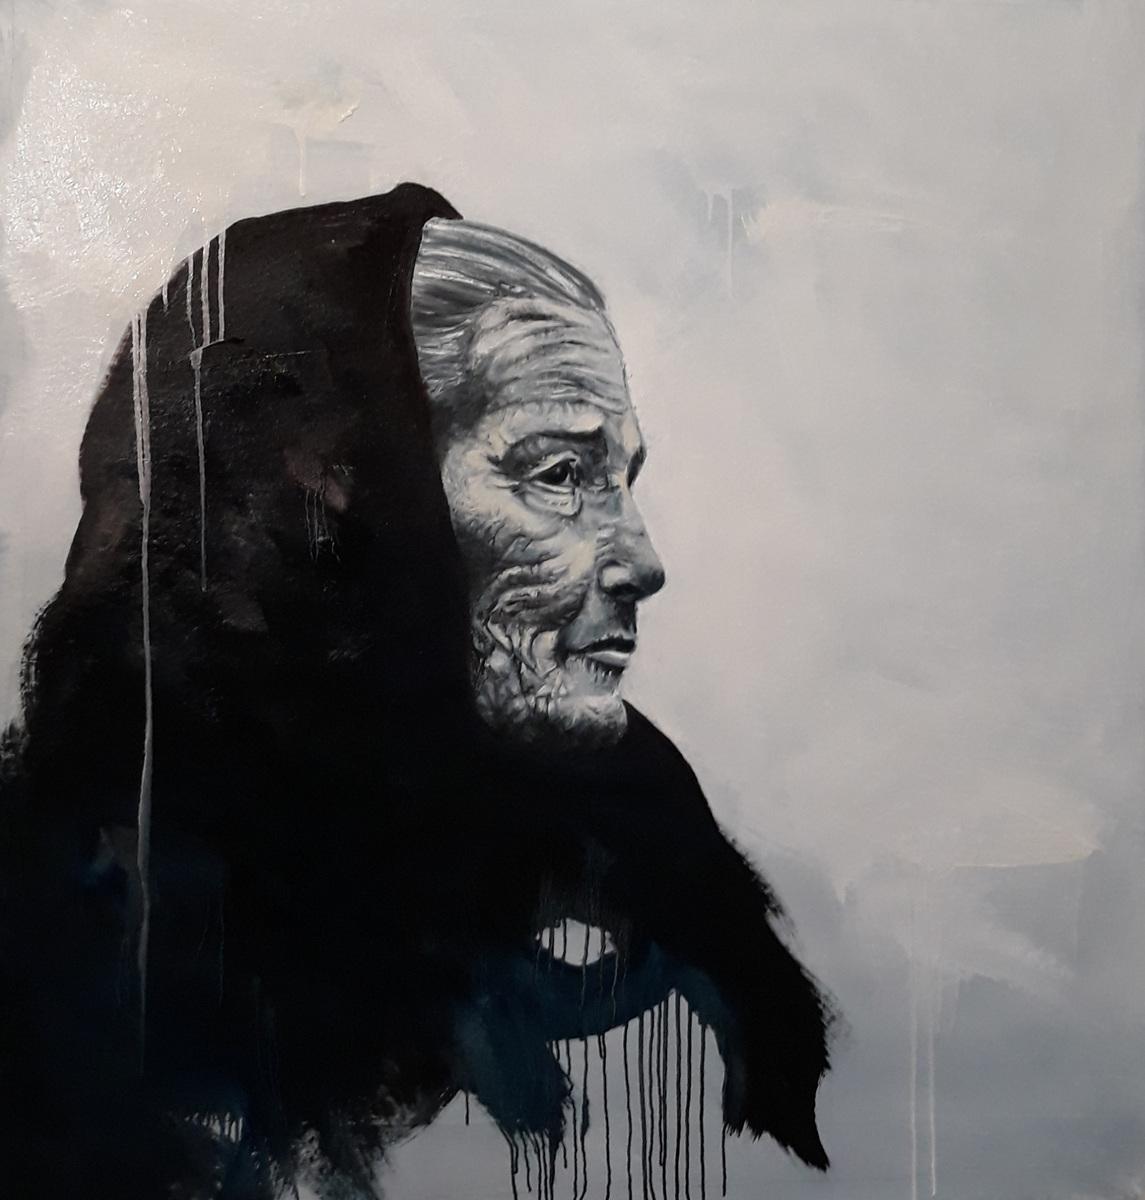 Martina Dalla Stella - Trame (omaggio a Exodus di S.Salgado), olio su tela, 115x110 cm, 2019